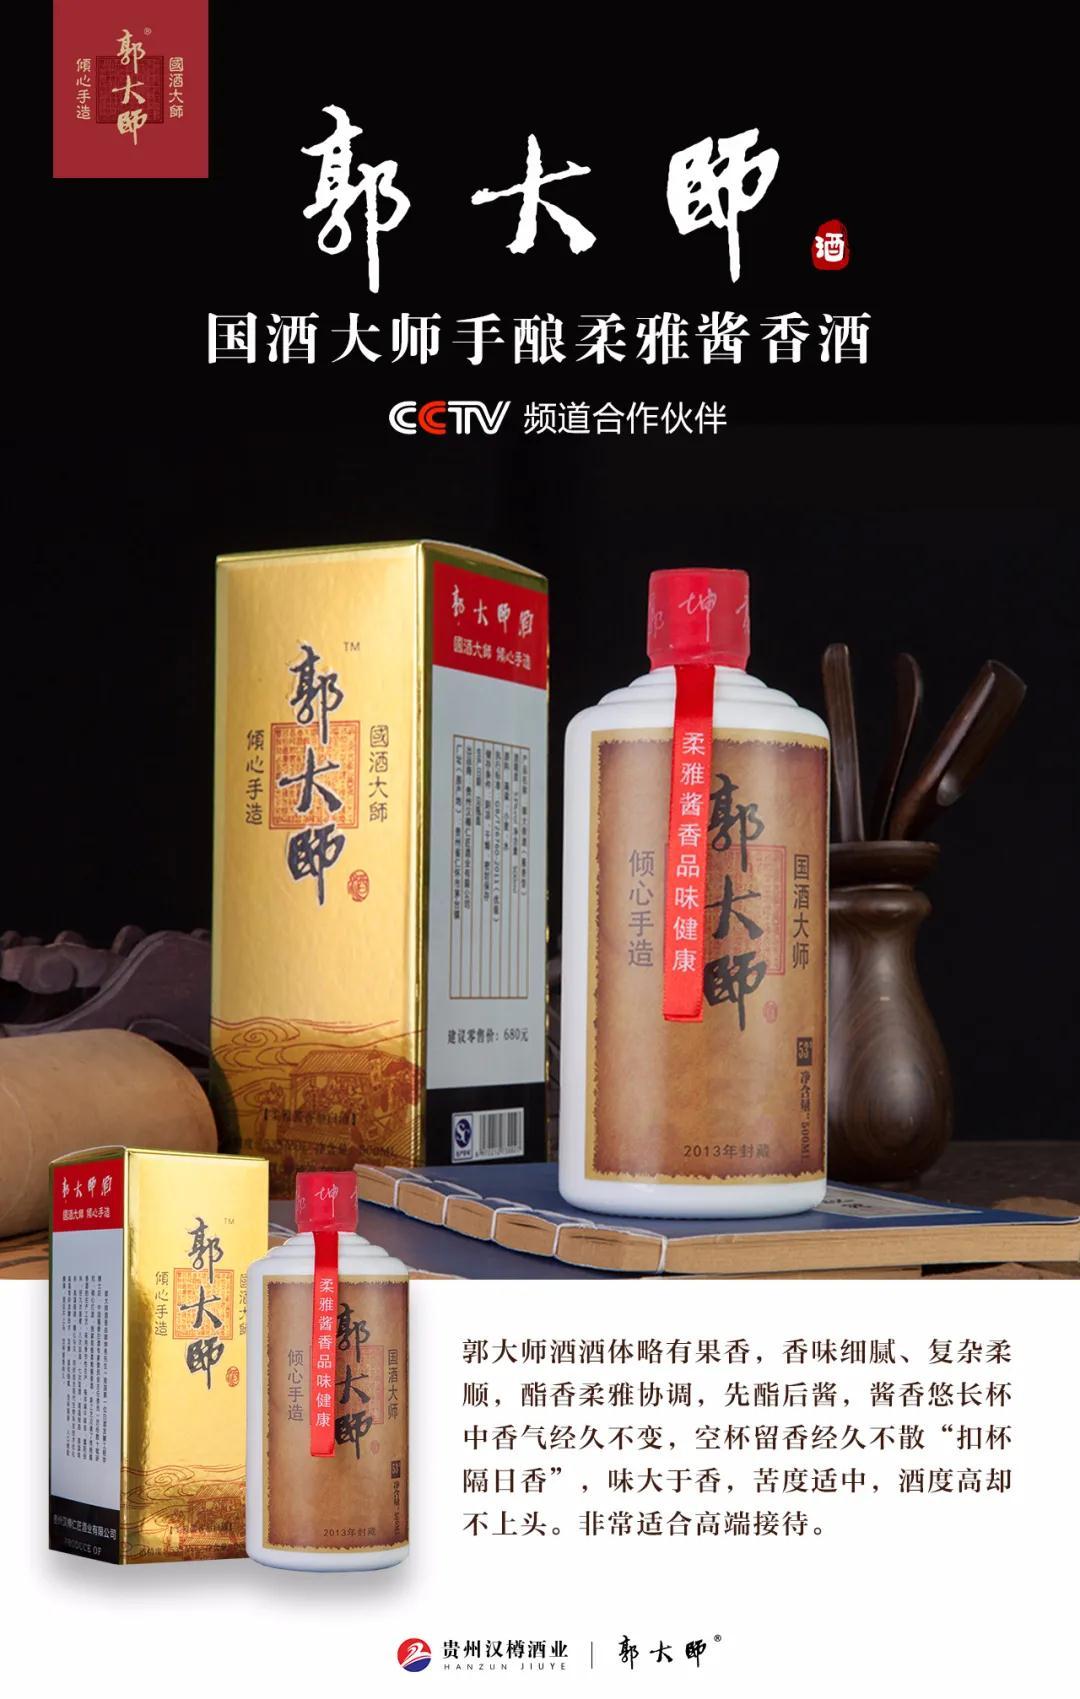 贵州茅台镇的郭大师酒什么路子插图6